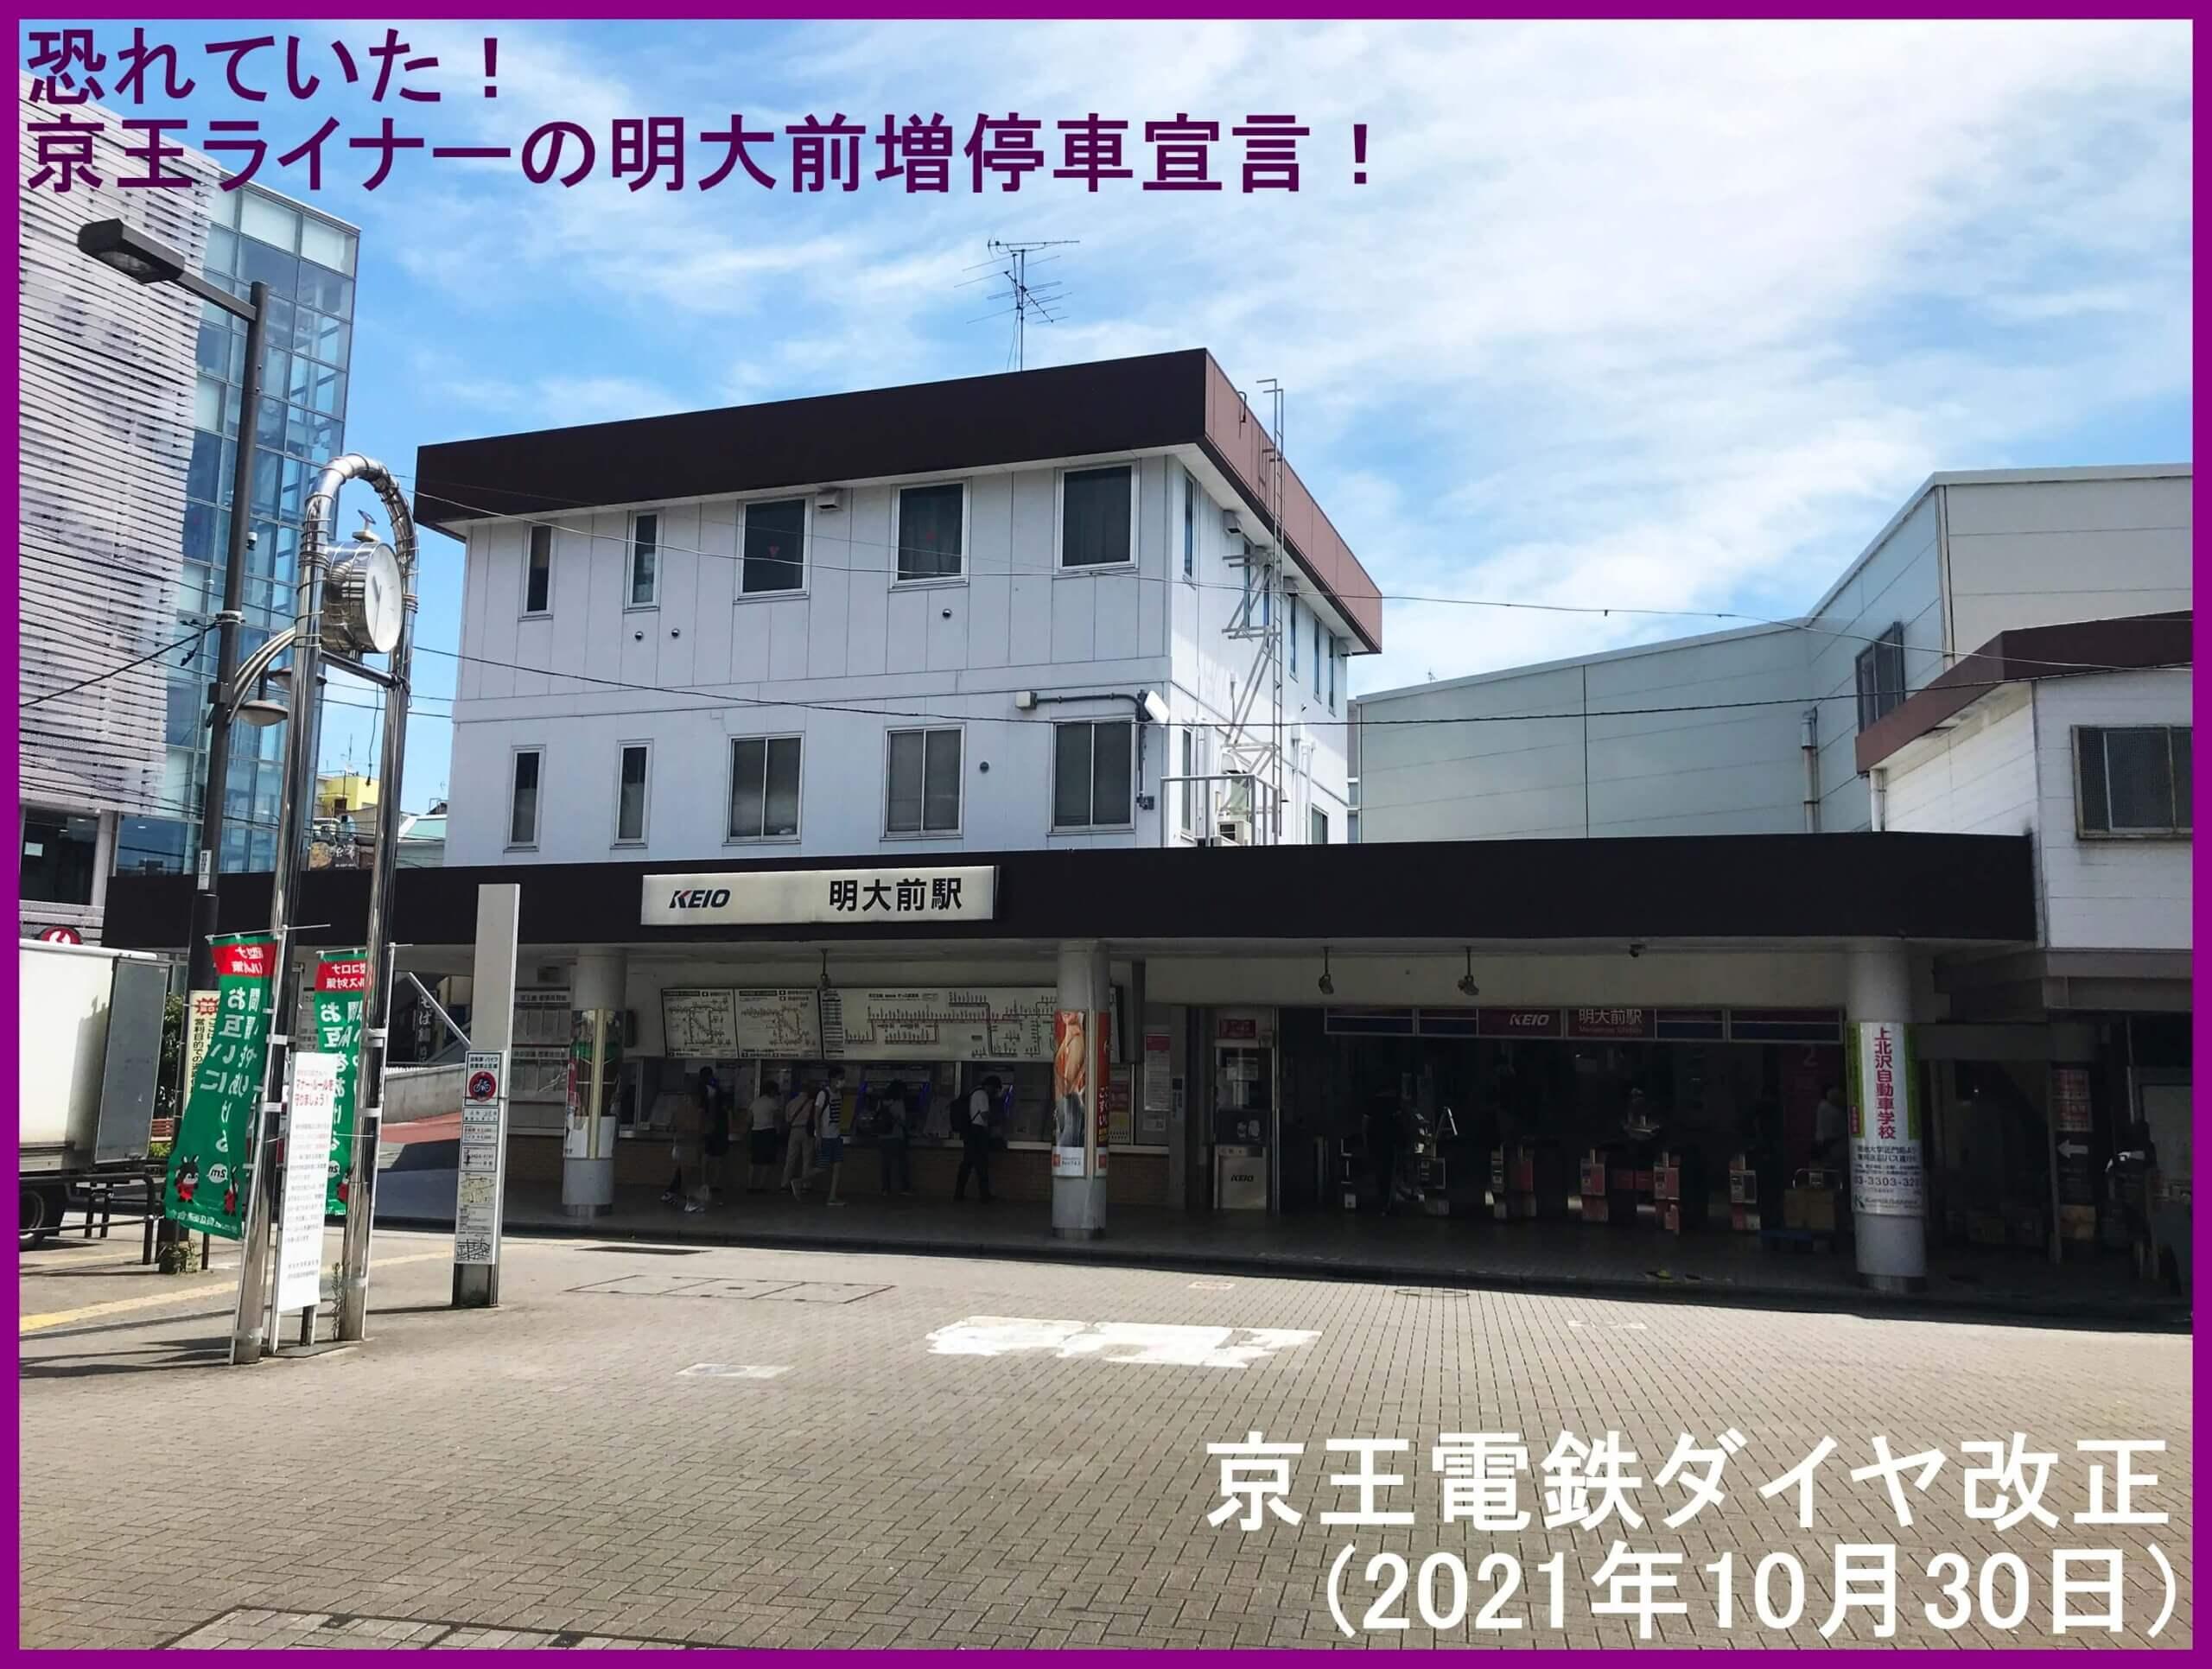 恐れていた!京王ライナーの明大前増停車宣言! 京王電鉄ダイヤ改正(2021年10月30日)